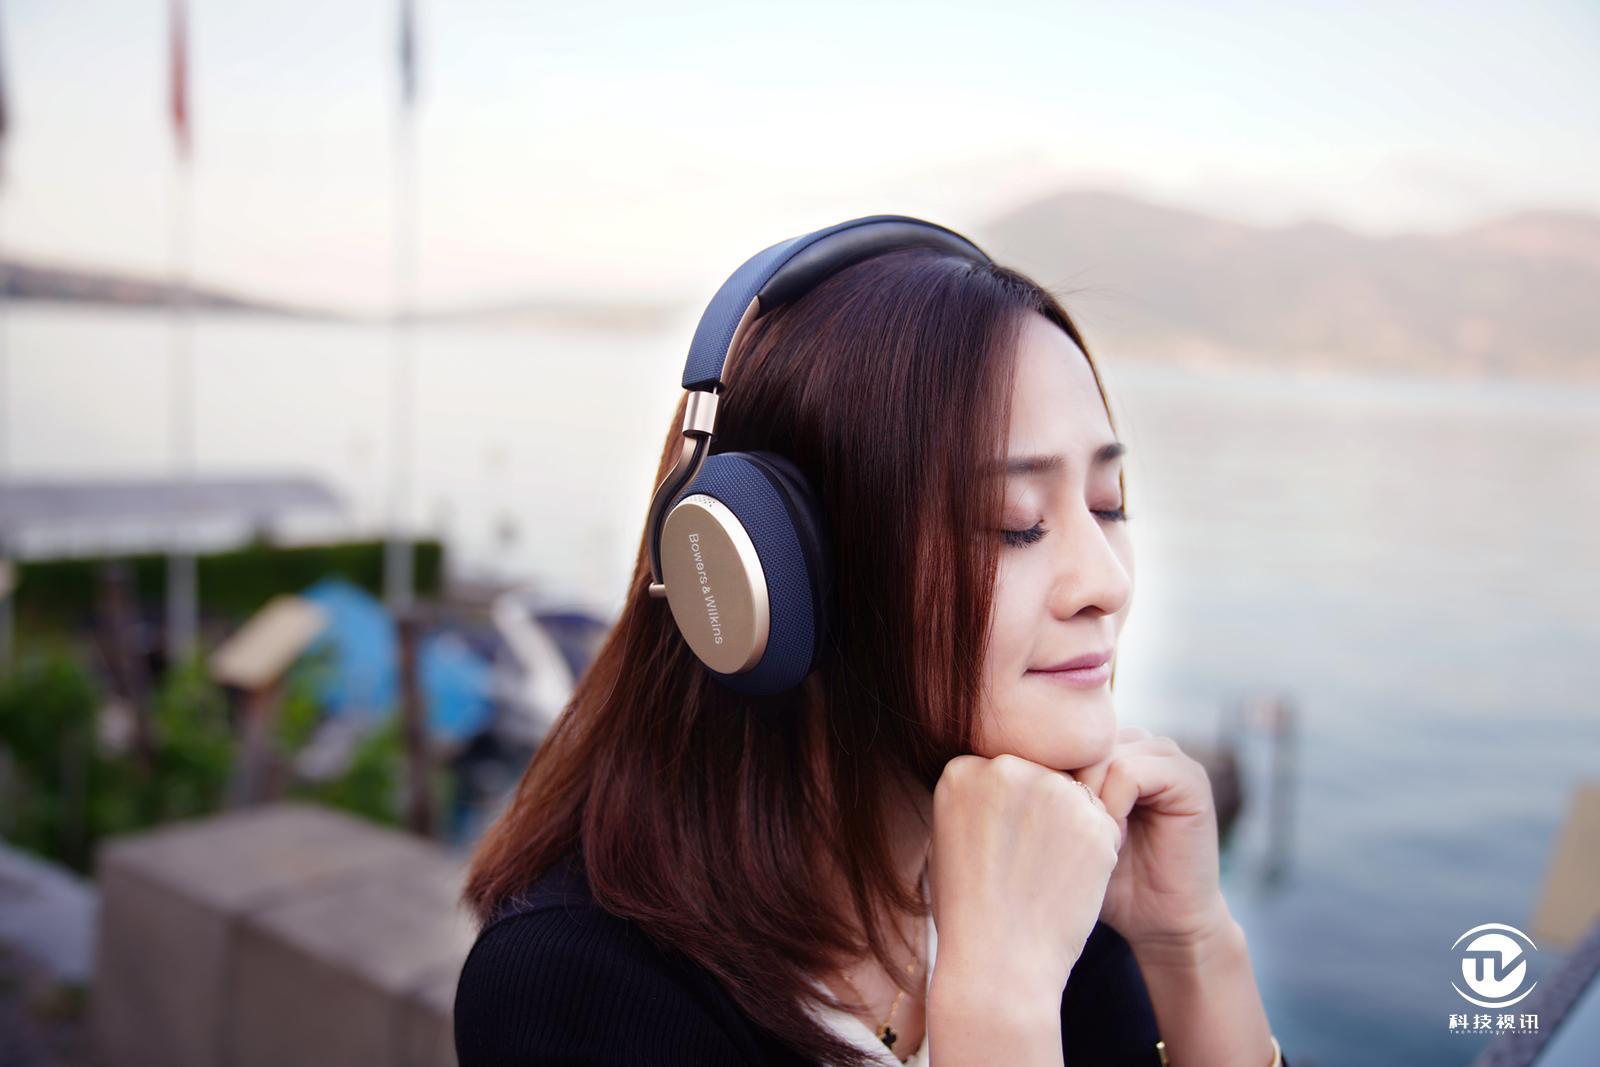 精彩瑞士行 宝华韦健2019款PX智能降噪耳机陪伴左右